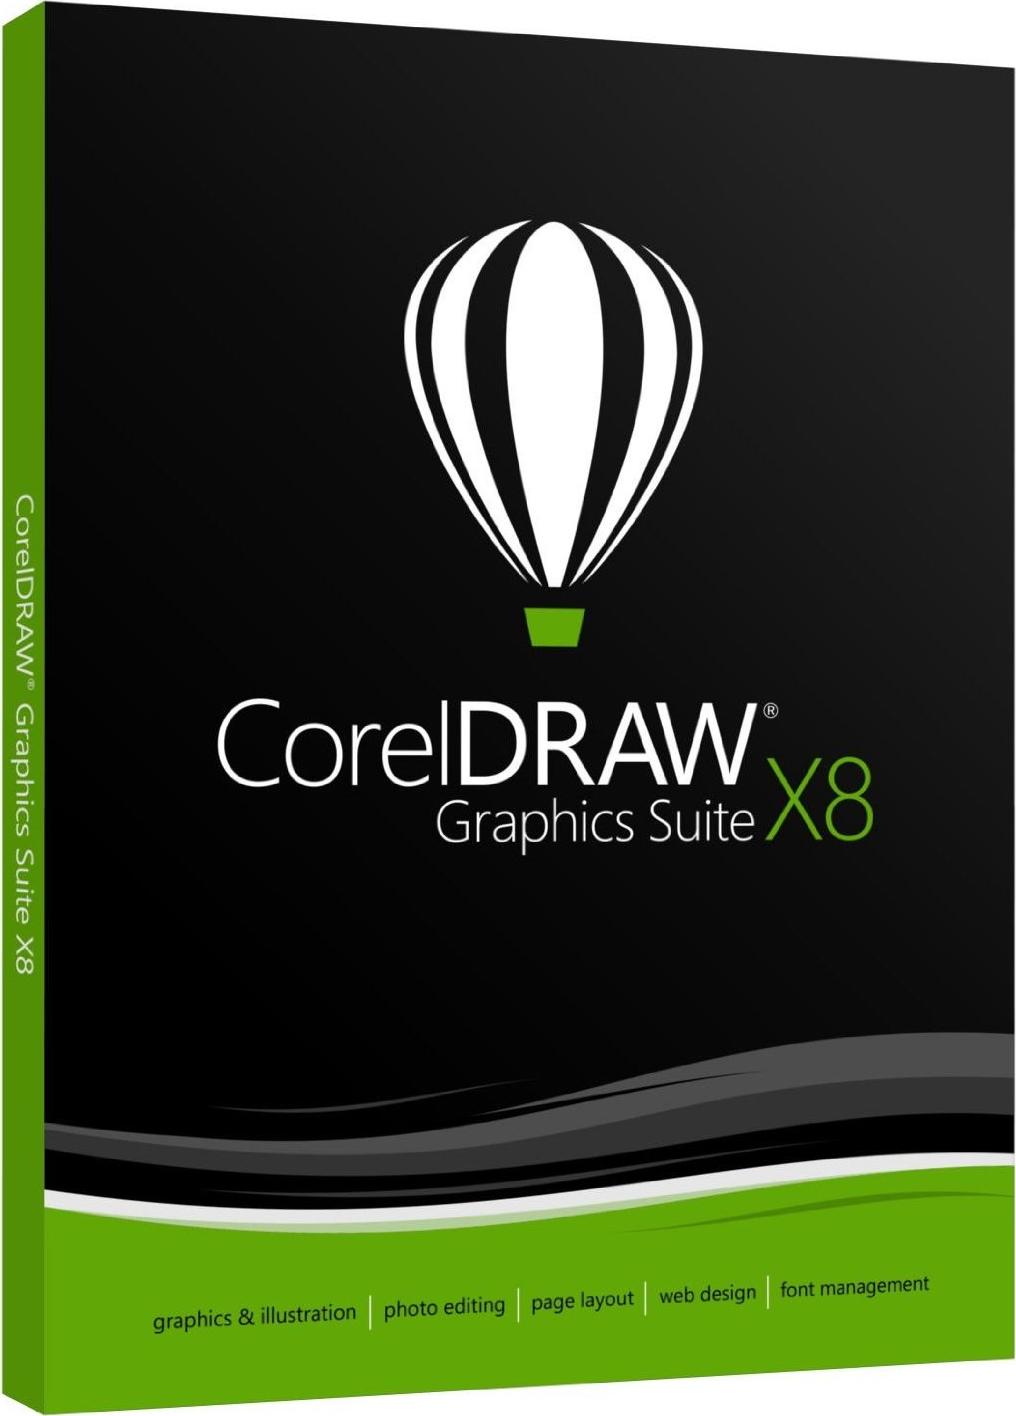 CorelDRAW Graphics Suite X8 v18.0.0.448 Multilenguaje (Español), Software  de Diseño Gráfico - IntercambiosVirtuales